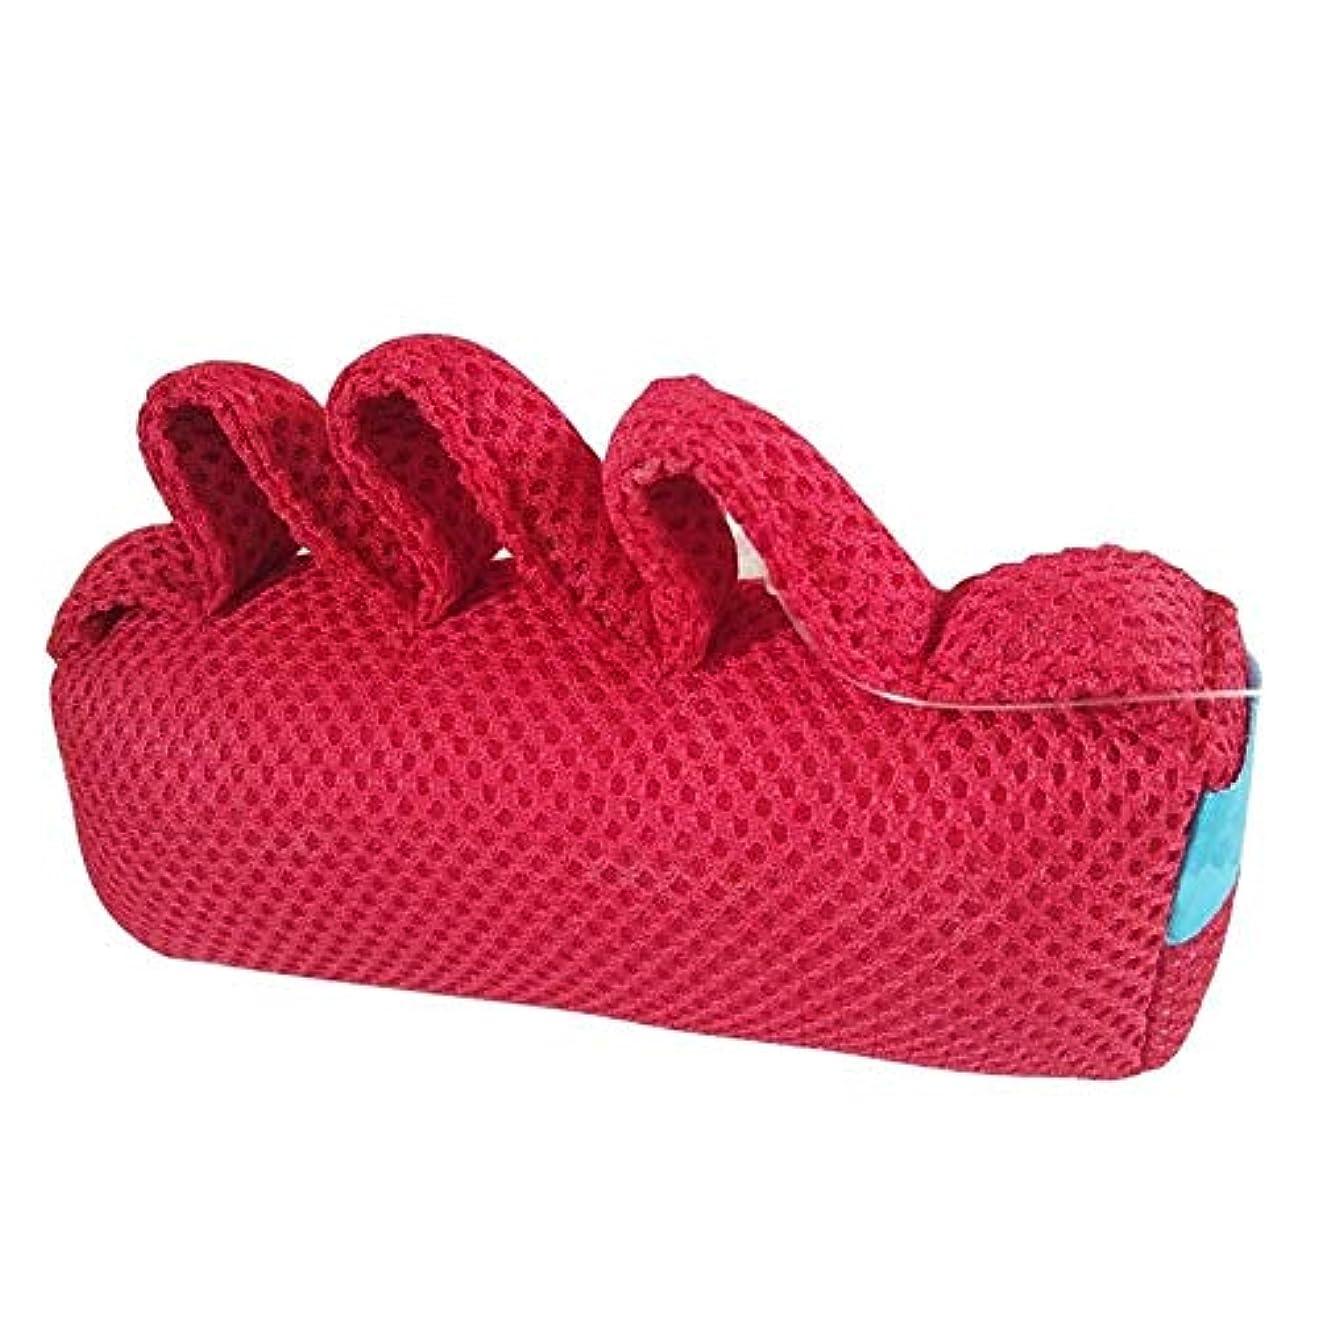 器具申し立てレッドデート指の拘縮クッション、指セパレータパームプロテクターリハビリテーション脳卒中片麻痺患者のハンドケア製品(左利きと右利き) (色 : Red)